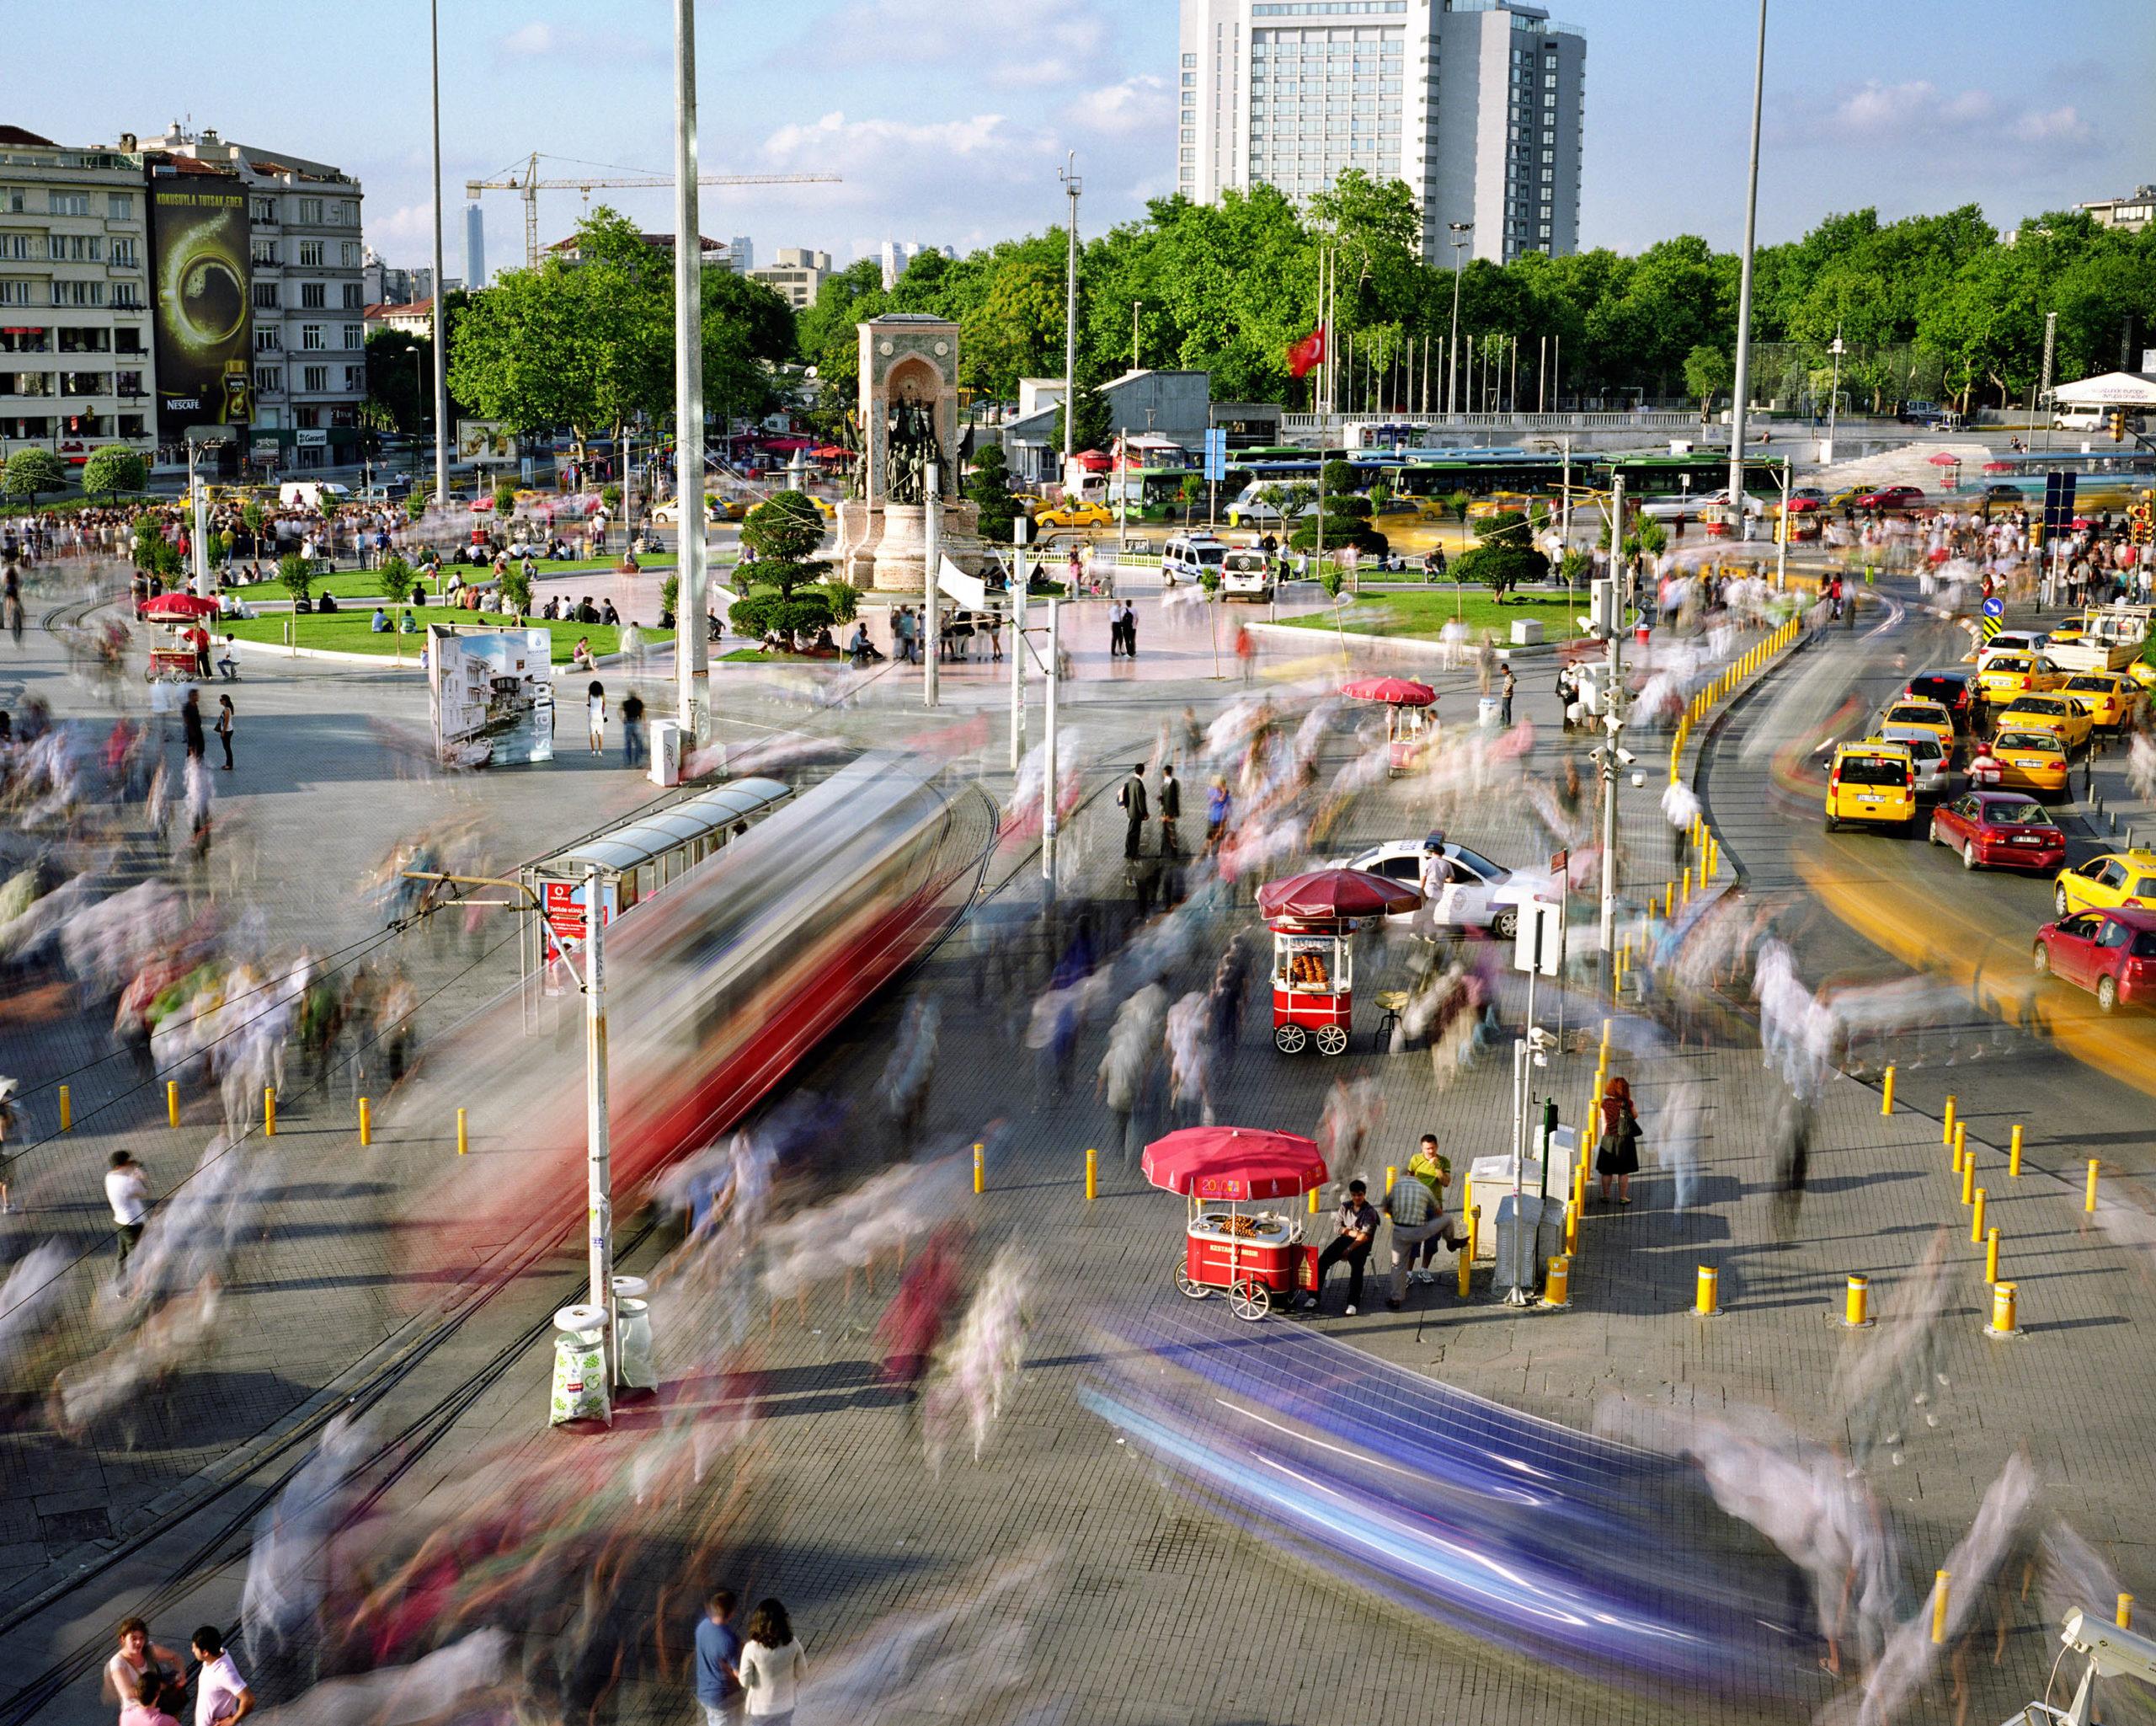 Taksim Meydani, Beyoglu, Istanbul, Turkey